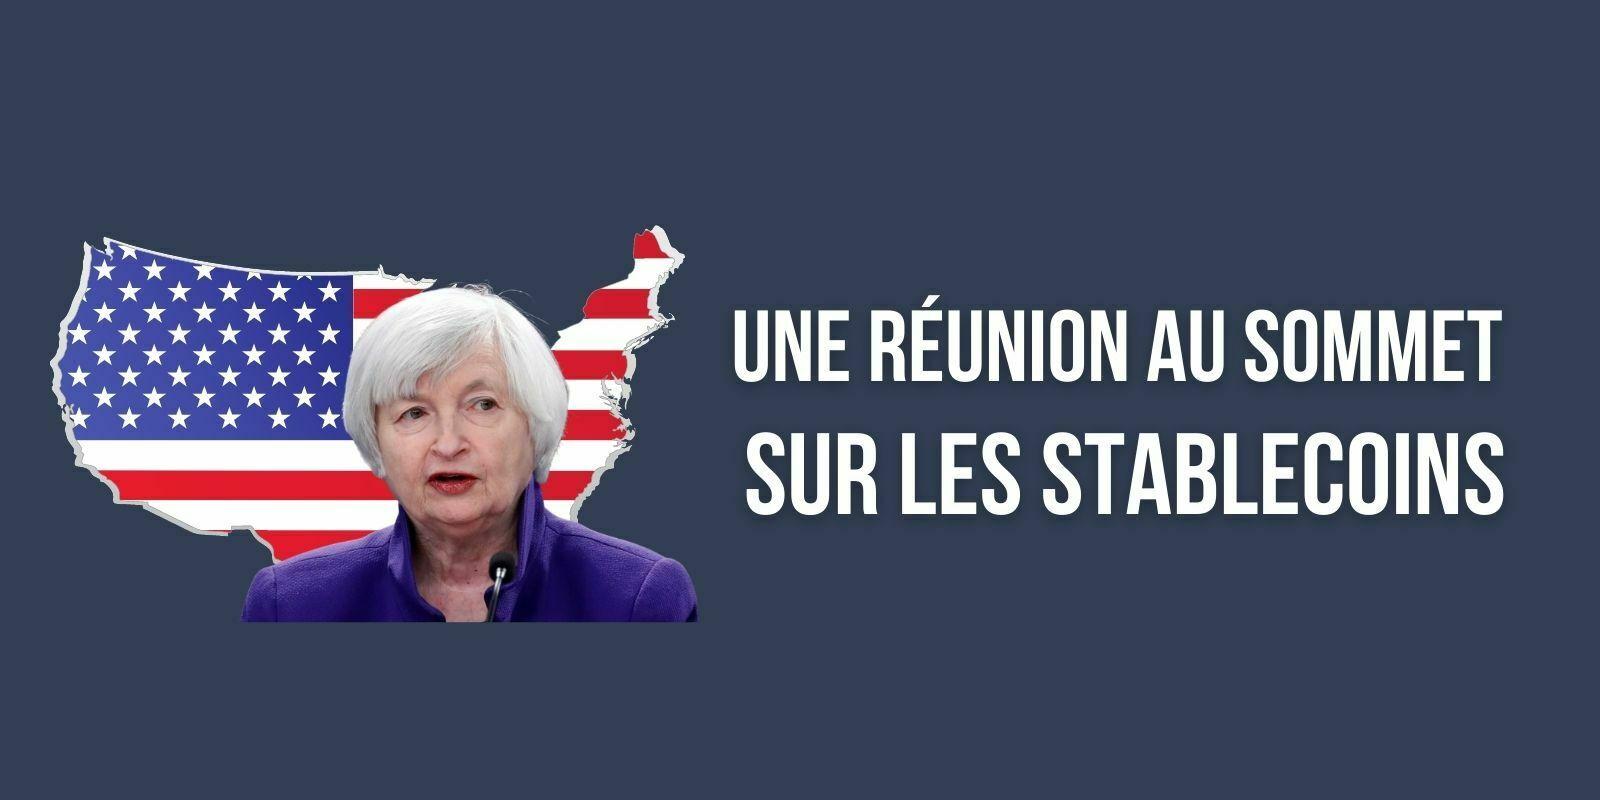 États-Unis : Janet Yellen va réunir les régulateurs au sujet des stablecoins